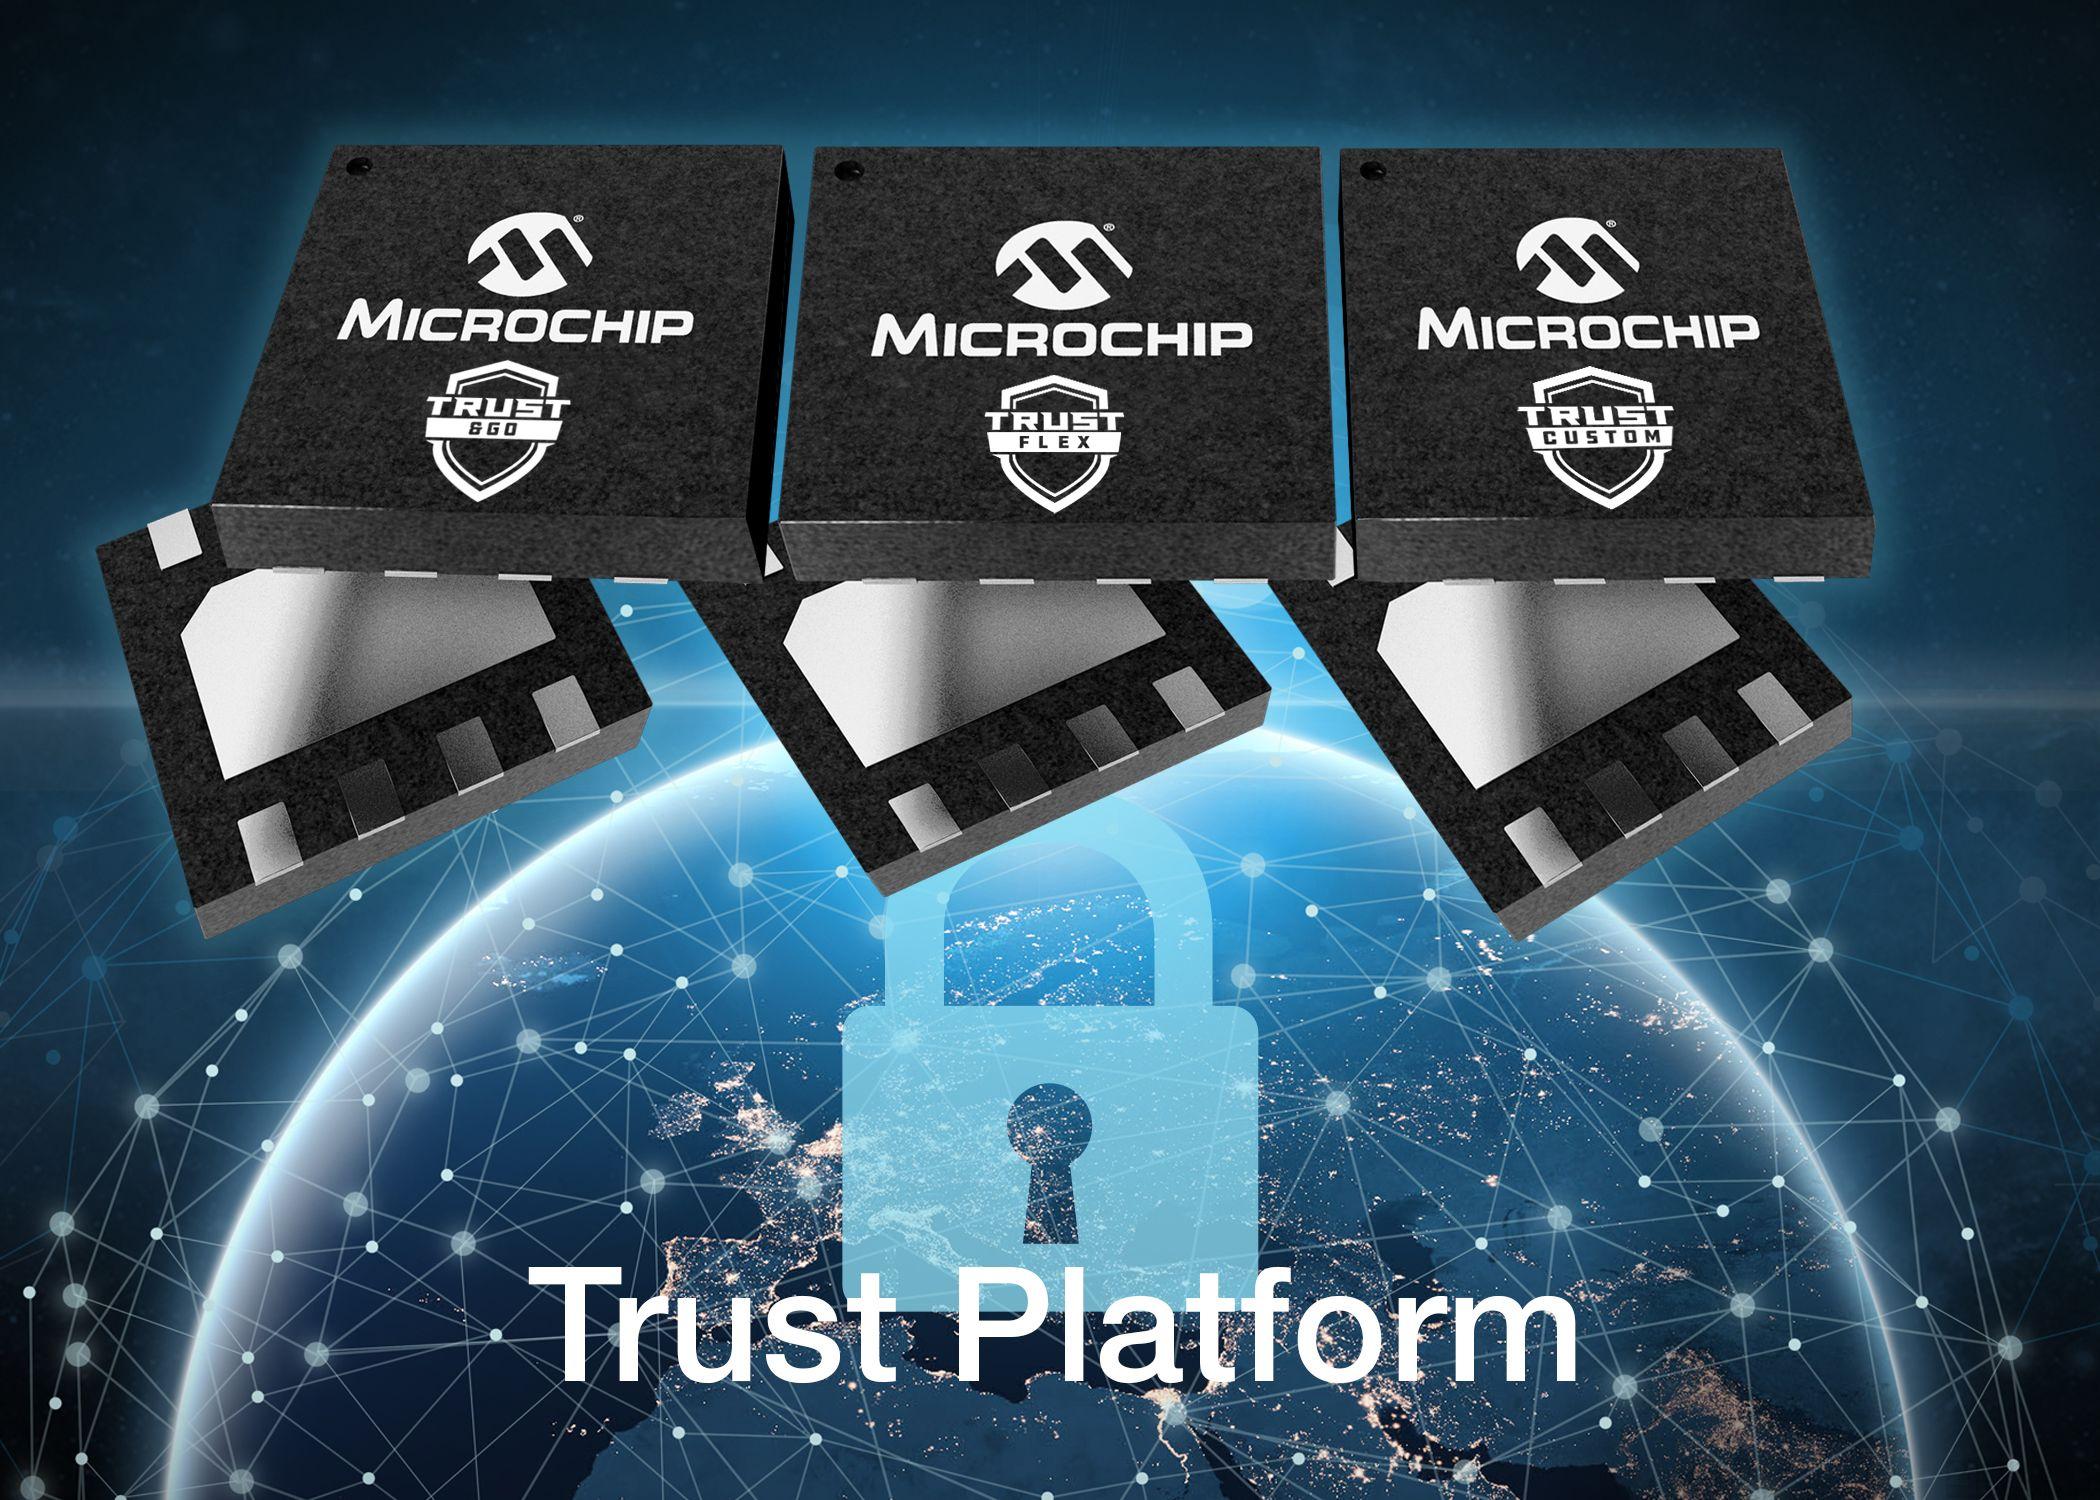 Microchip 推出业界首款适用于任意规模部署的预配置解决方案,简化基于硬件的物联网安全设计